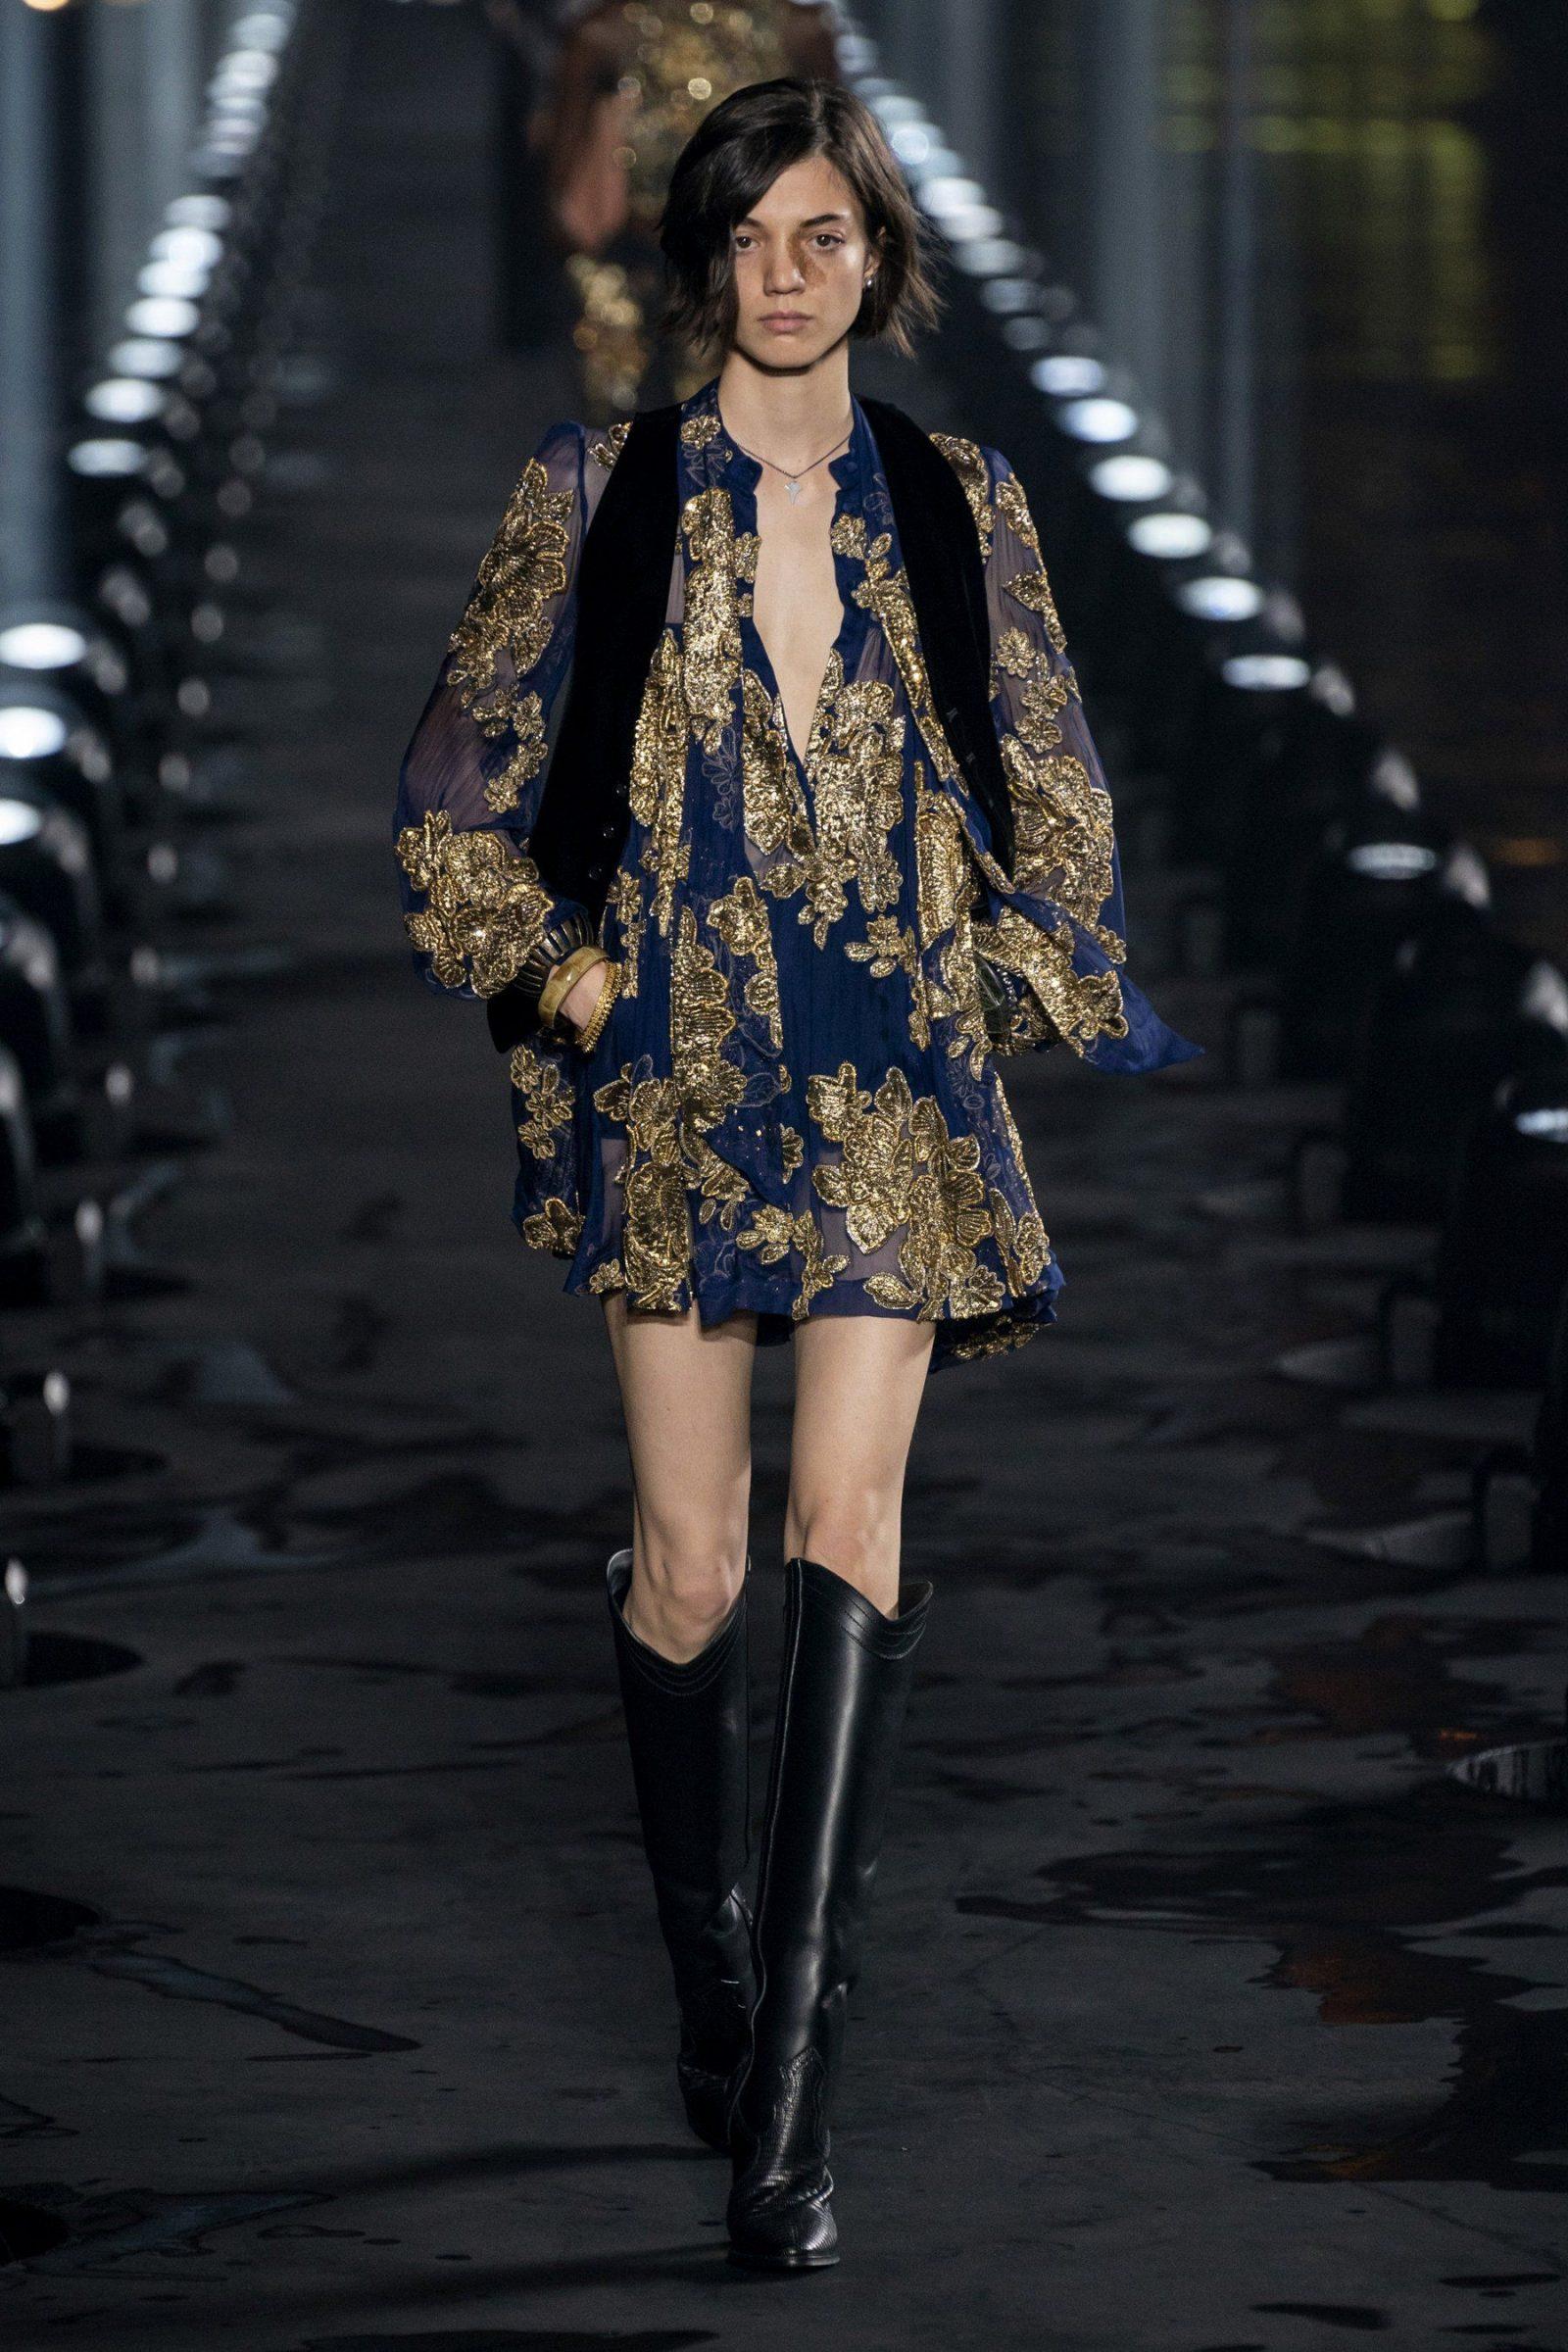 Fashion Week Printemps-été 2021: Tout ce qu'il faut savoir sur les défilés qui auront lieu pendant cette Semaine de la Mode à Paris au contexte inédit